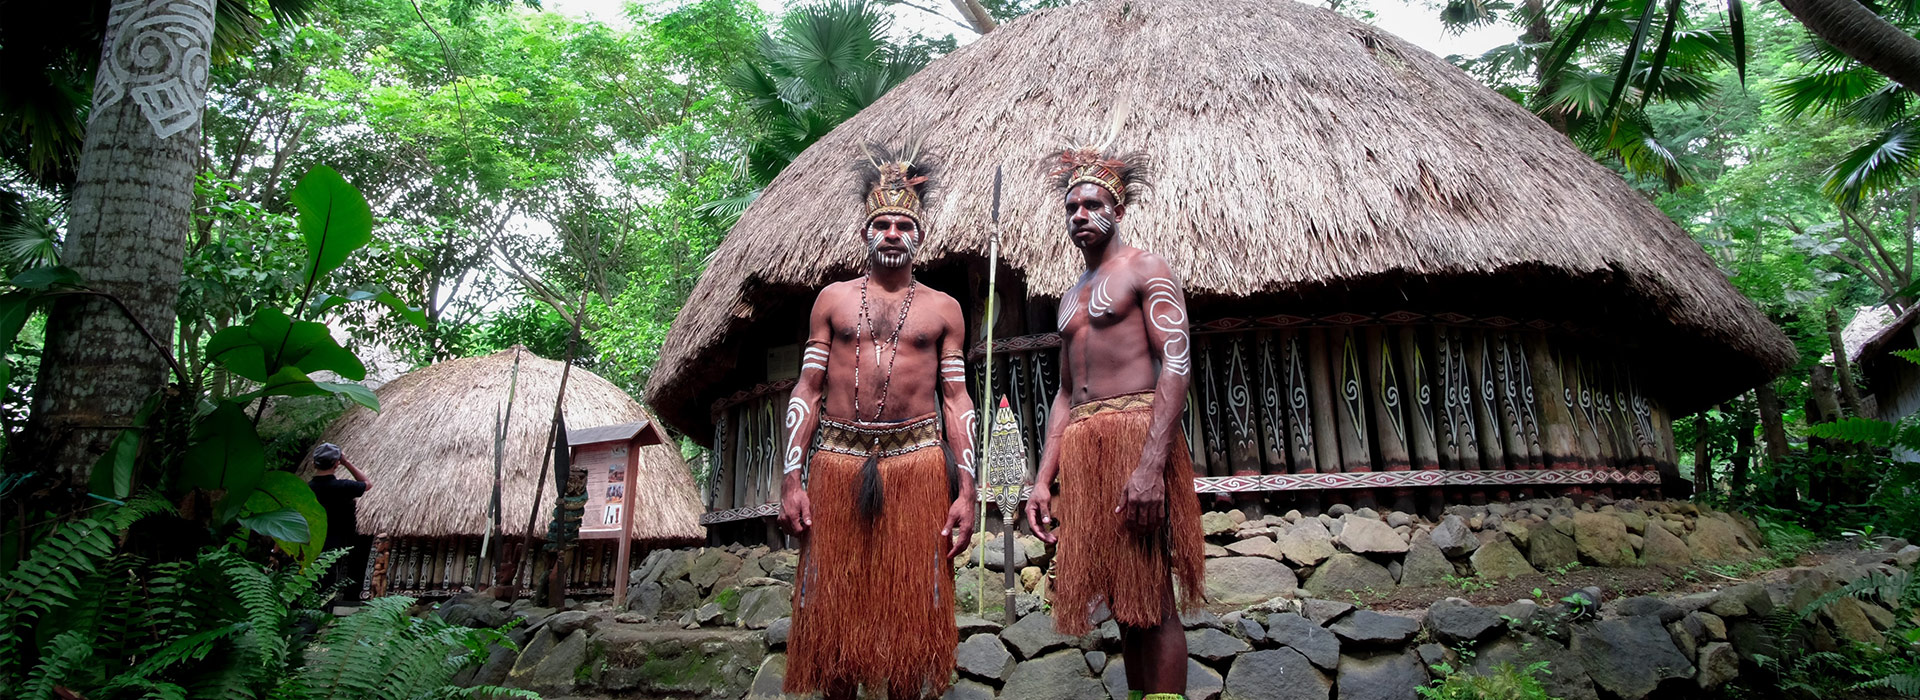 Reisen nach Indonesien - Individuelle Reisen nach Indonesien- Harry Kolb AG - Tourismus